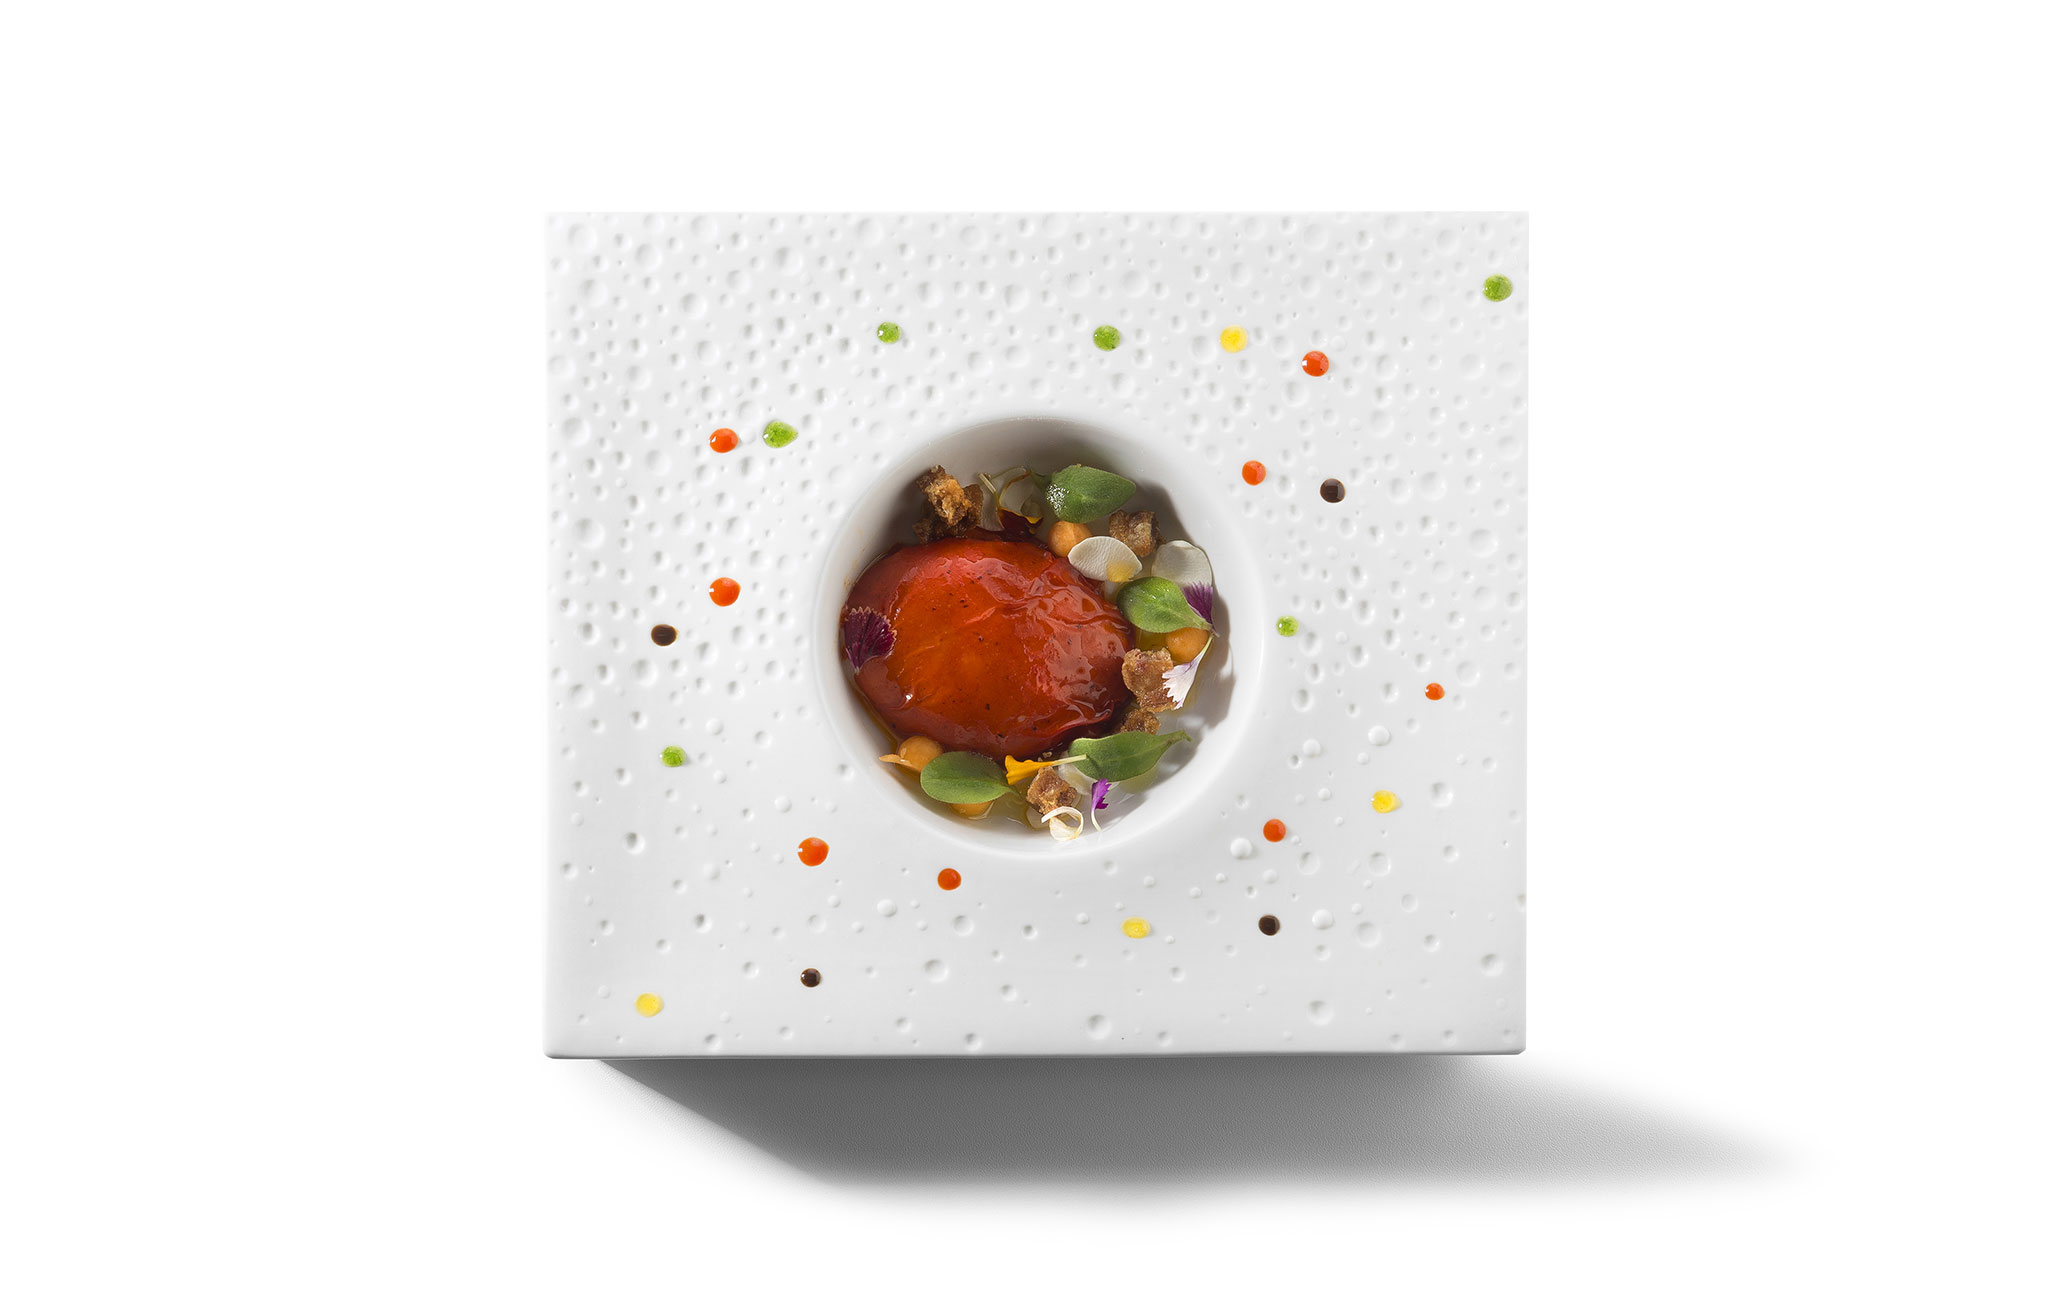 arzak-restaurante-huevo-espacial